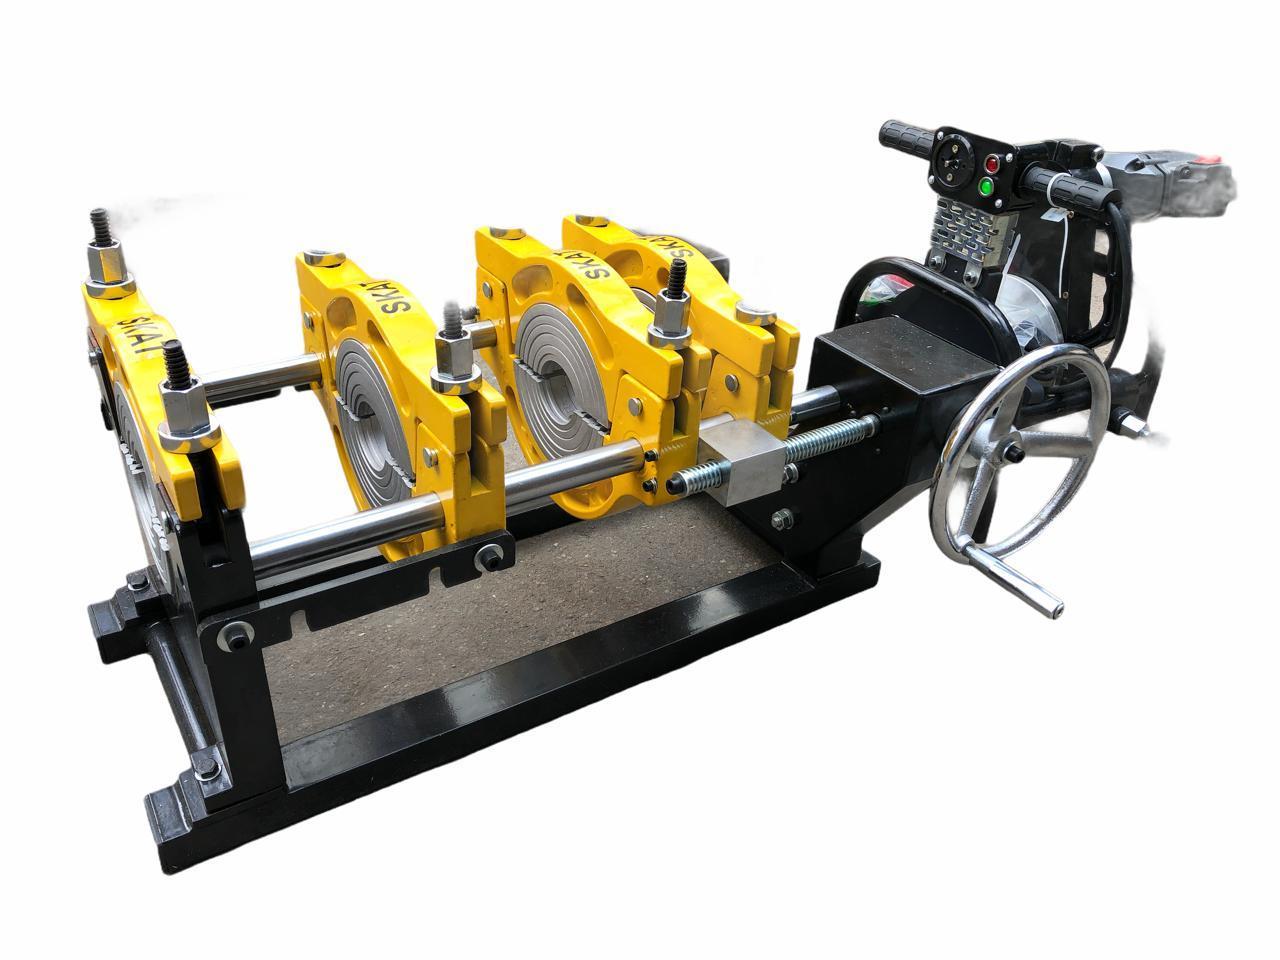 SKAT 63-200мм Редукторный механический сварочный аппарат  для стыковой пайки ПВХ труб